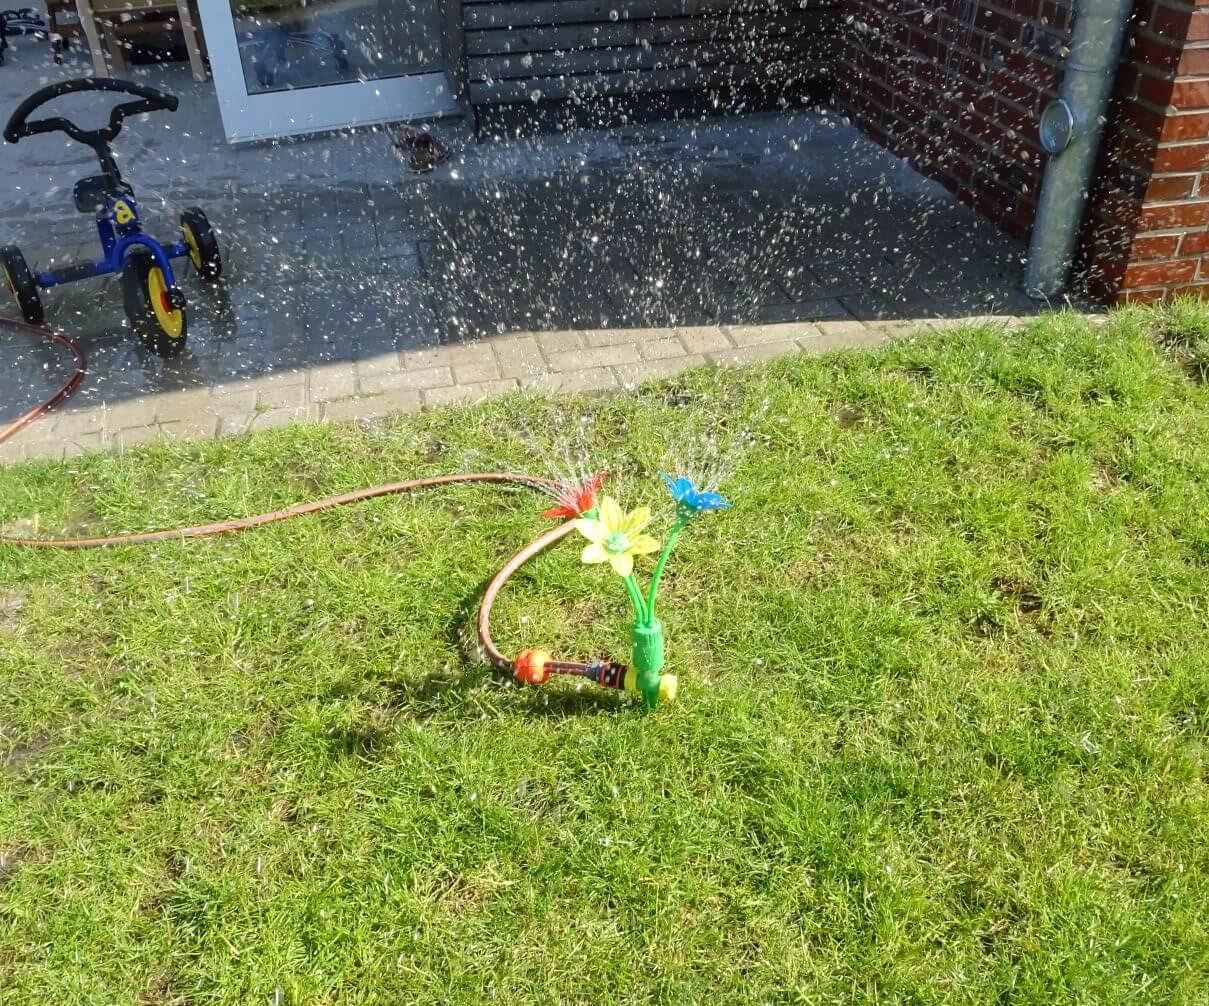 """Die sommerlichen Temperaturen haben wir genutzt, um den Kindern ein Wasserangebot auf dem Spielplatz zu bieten. Es gab verschiedene Stationen bei denen die Kinder sich voller Spaß und Freude erfrischen konnten. Auch das Experimentieren kam nicht zu kurz. Oder wie unsere Kinder sagten: """"Wir feiern eine Wasserparty""""."""